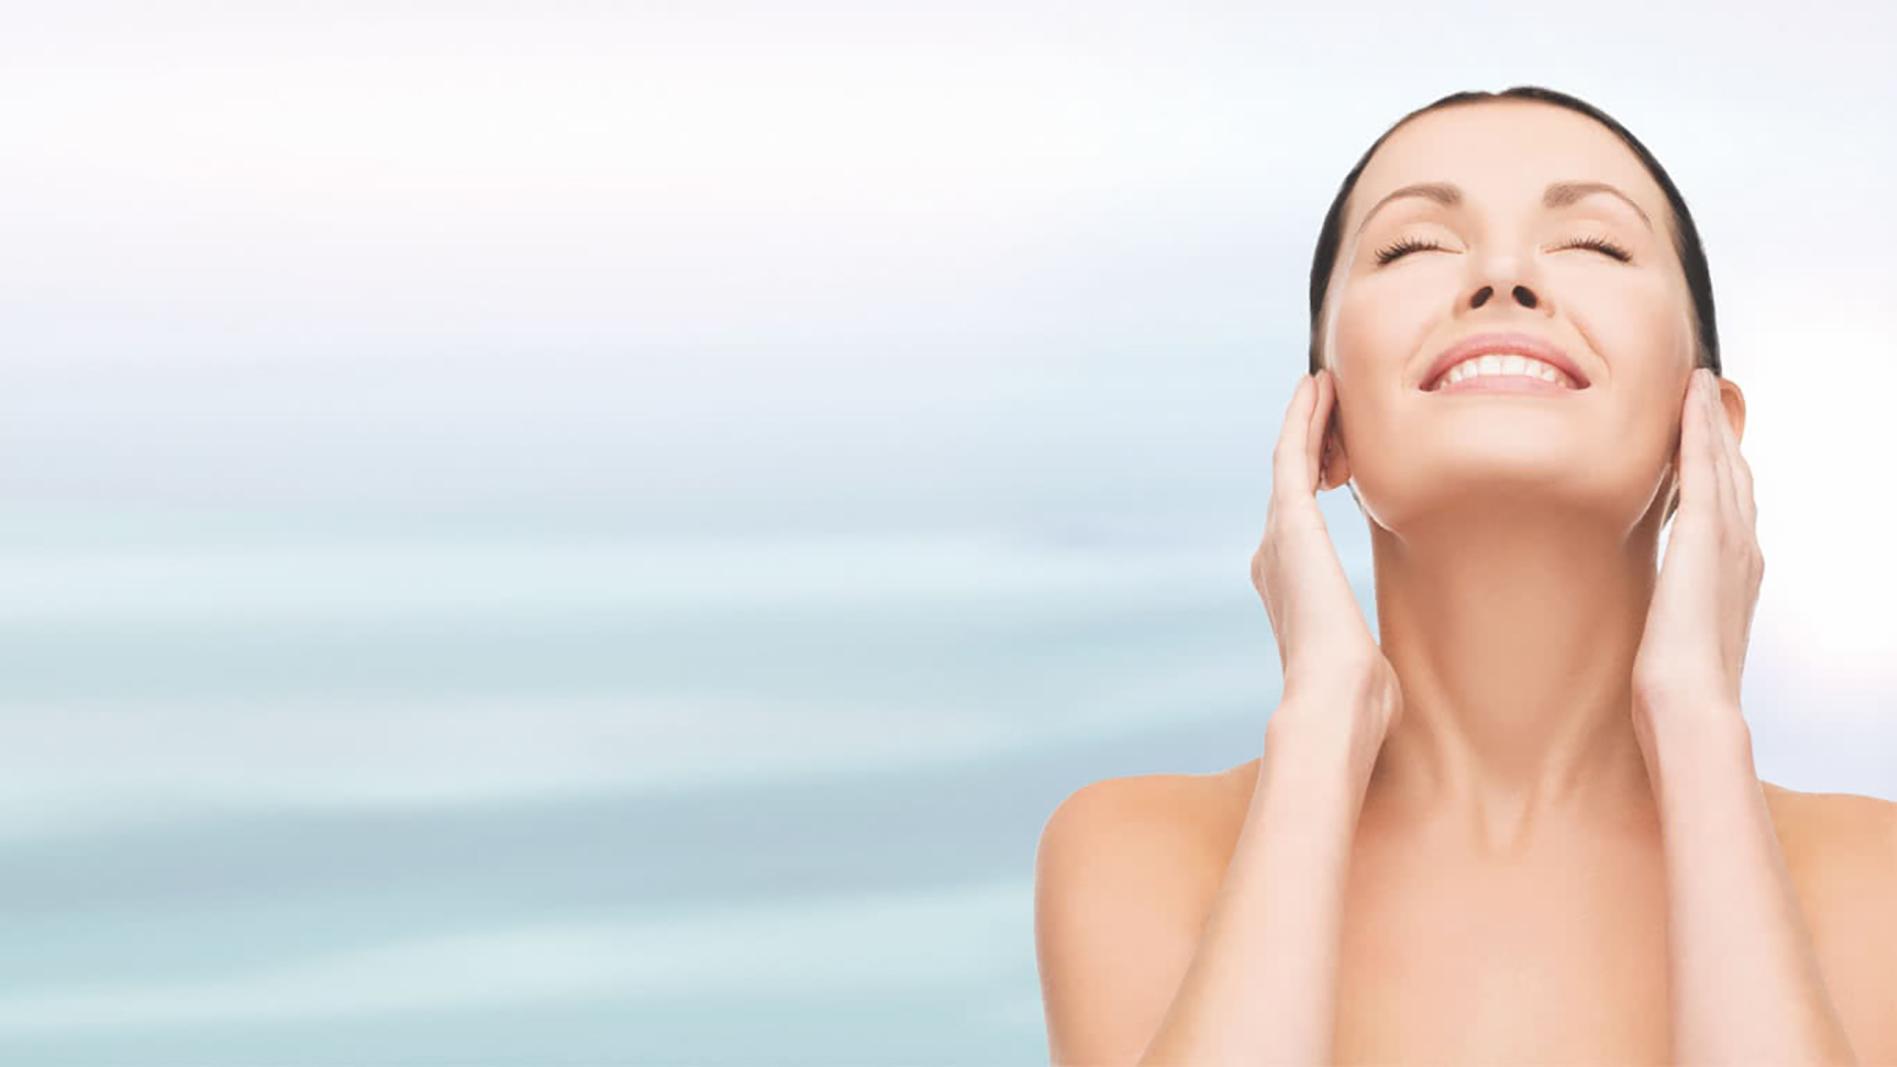 Cómo tener una piel bonita, limpia y sana